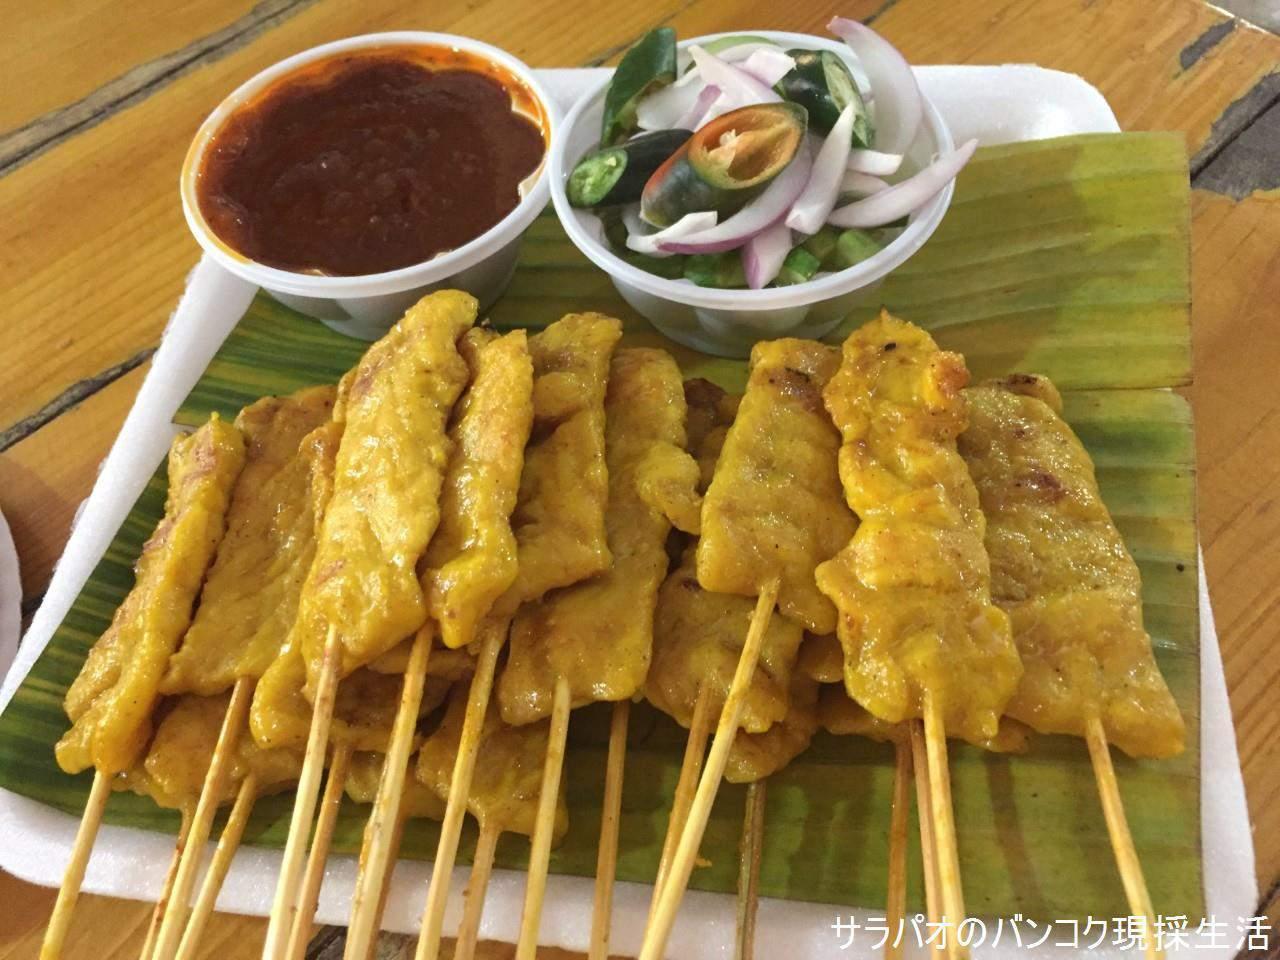 KhlongLatMaYomFloatingMarket_25.jpg